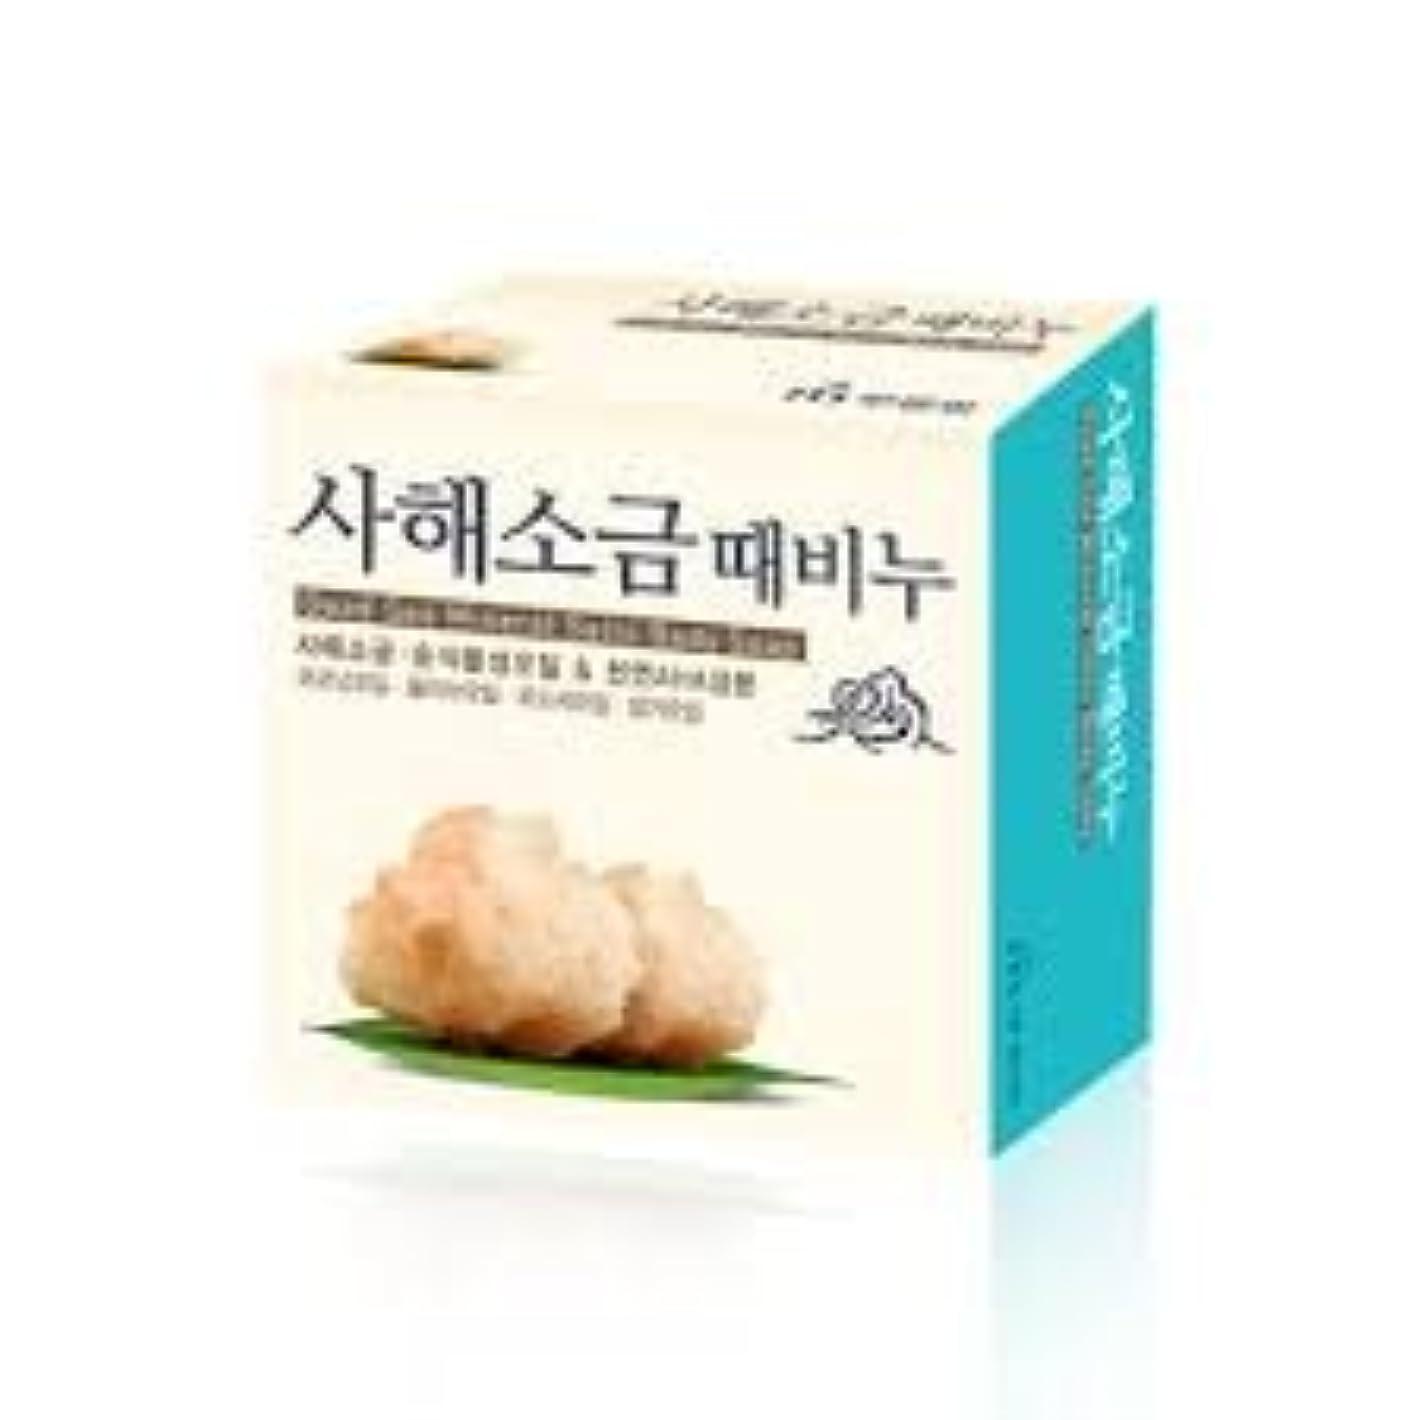 暖かさバズ司書ムグンファ[MUKUNGHWA] 死海 塩 垢石鹸 100g/ Dead Sea Mineral Salts Body Soap